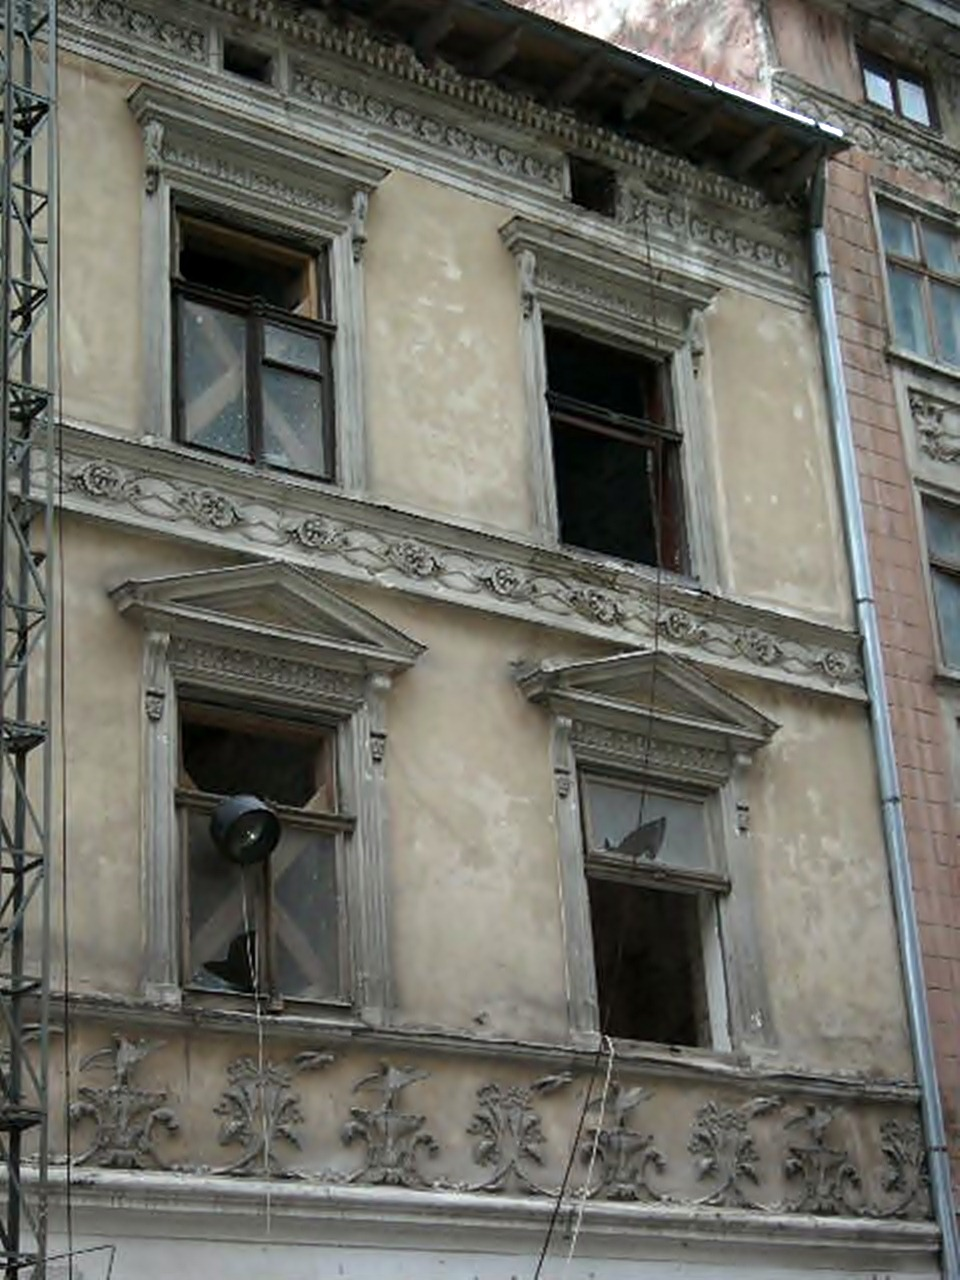 Будинок по Шевській, 12, 2000-і рр.